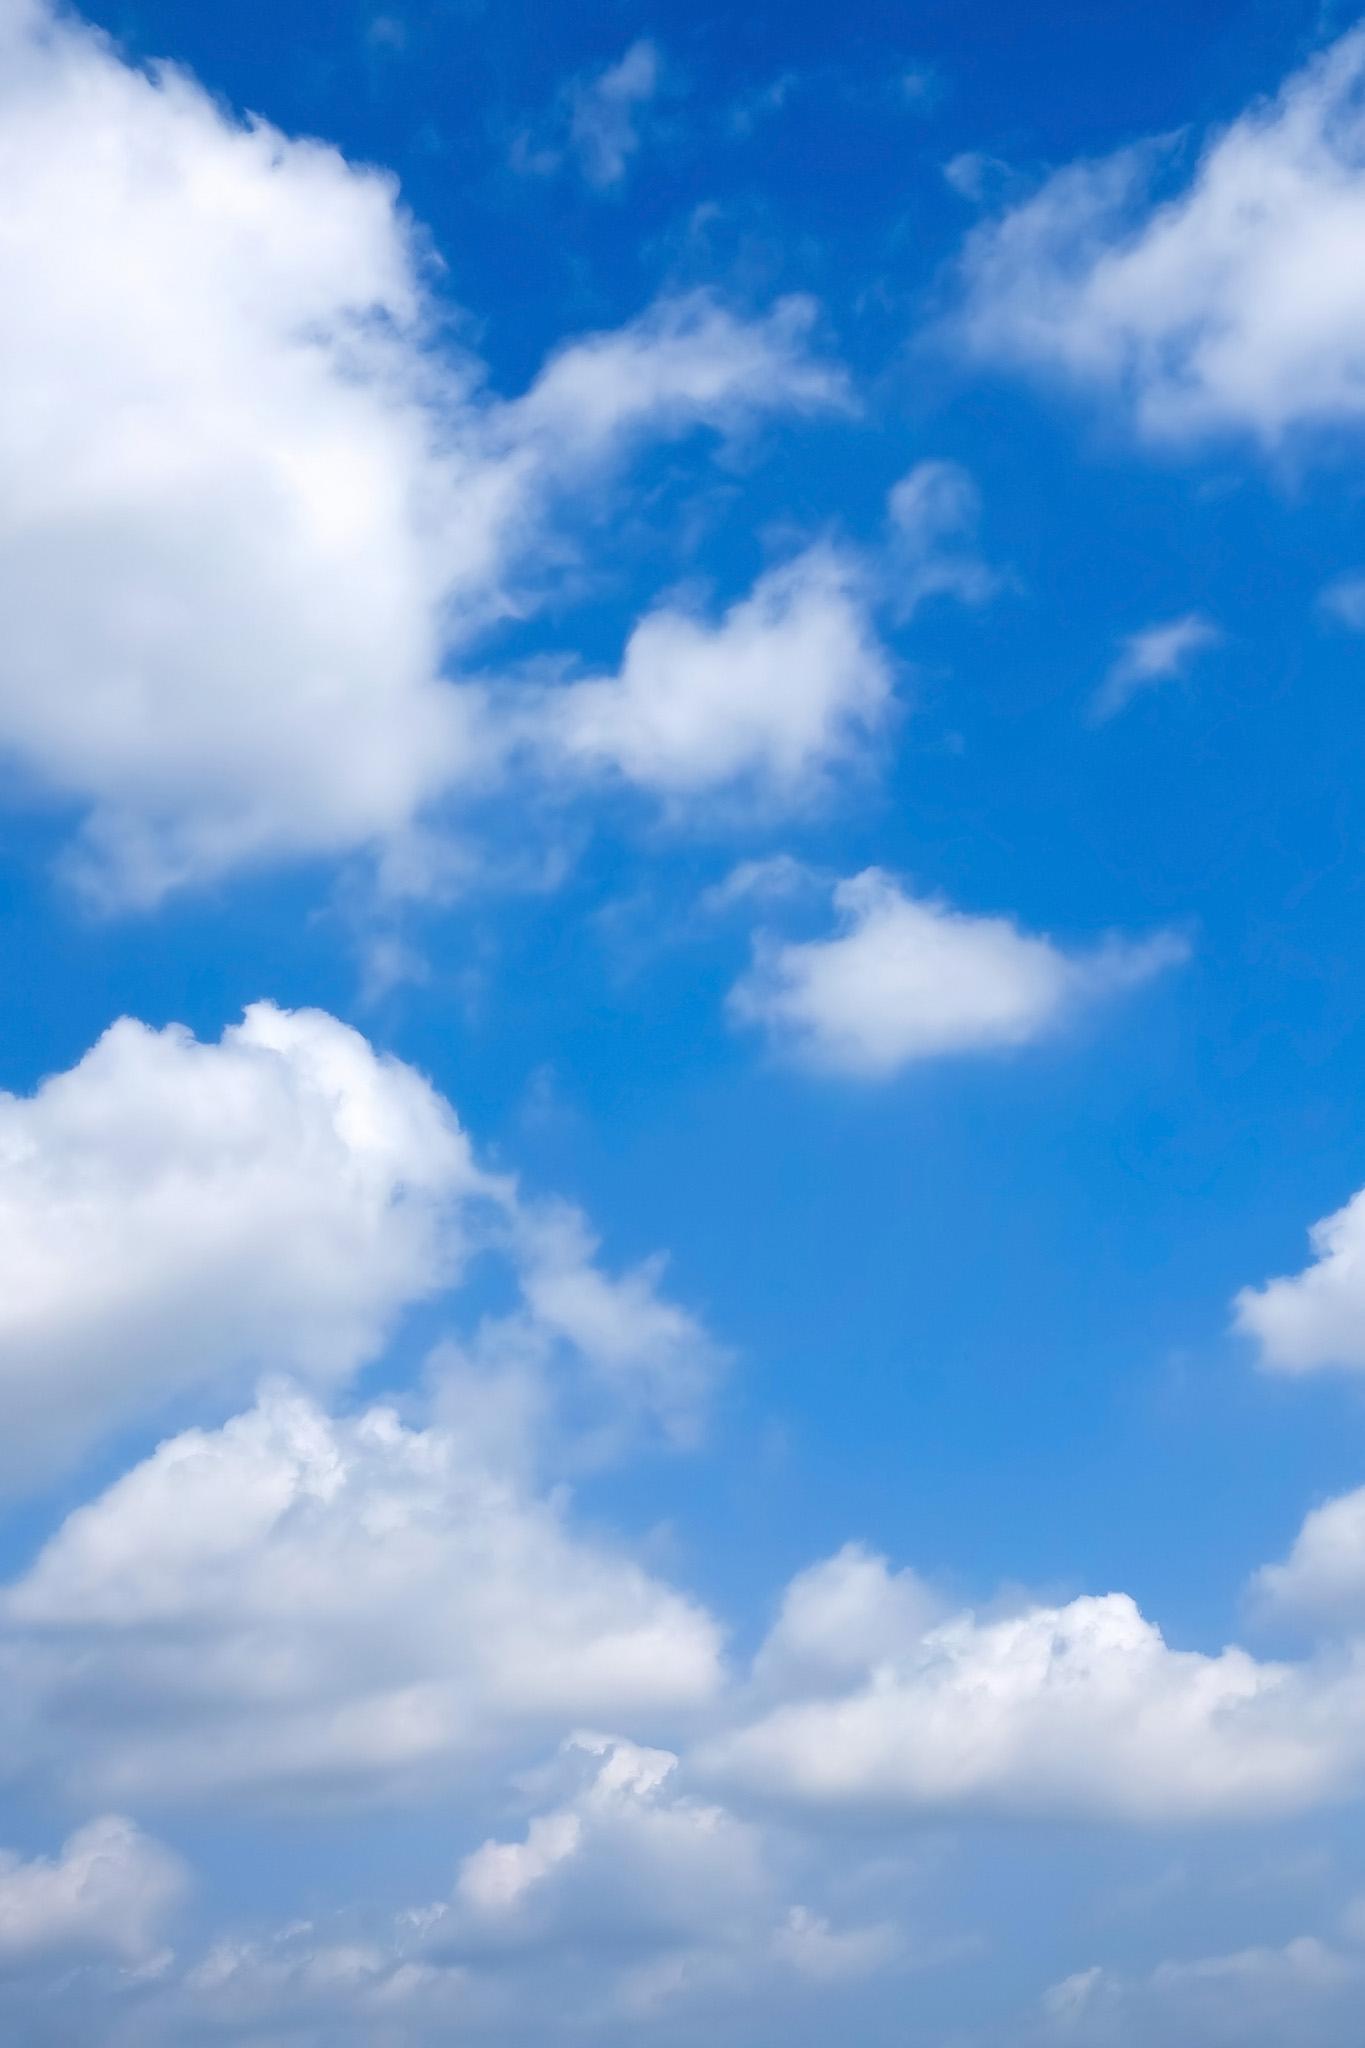 「ゆっくりと流れる雲と青空」の画像を無料ダウンロード